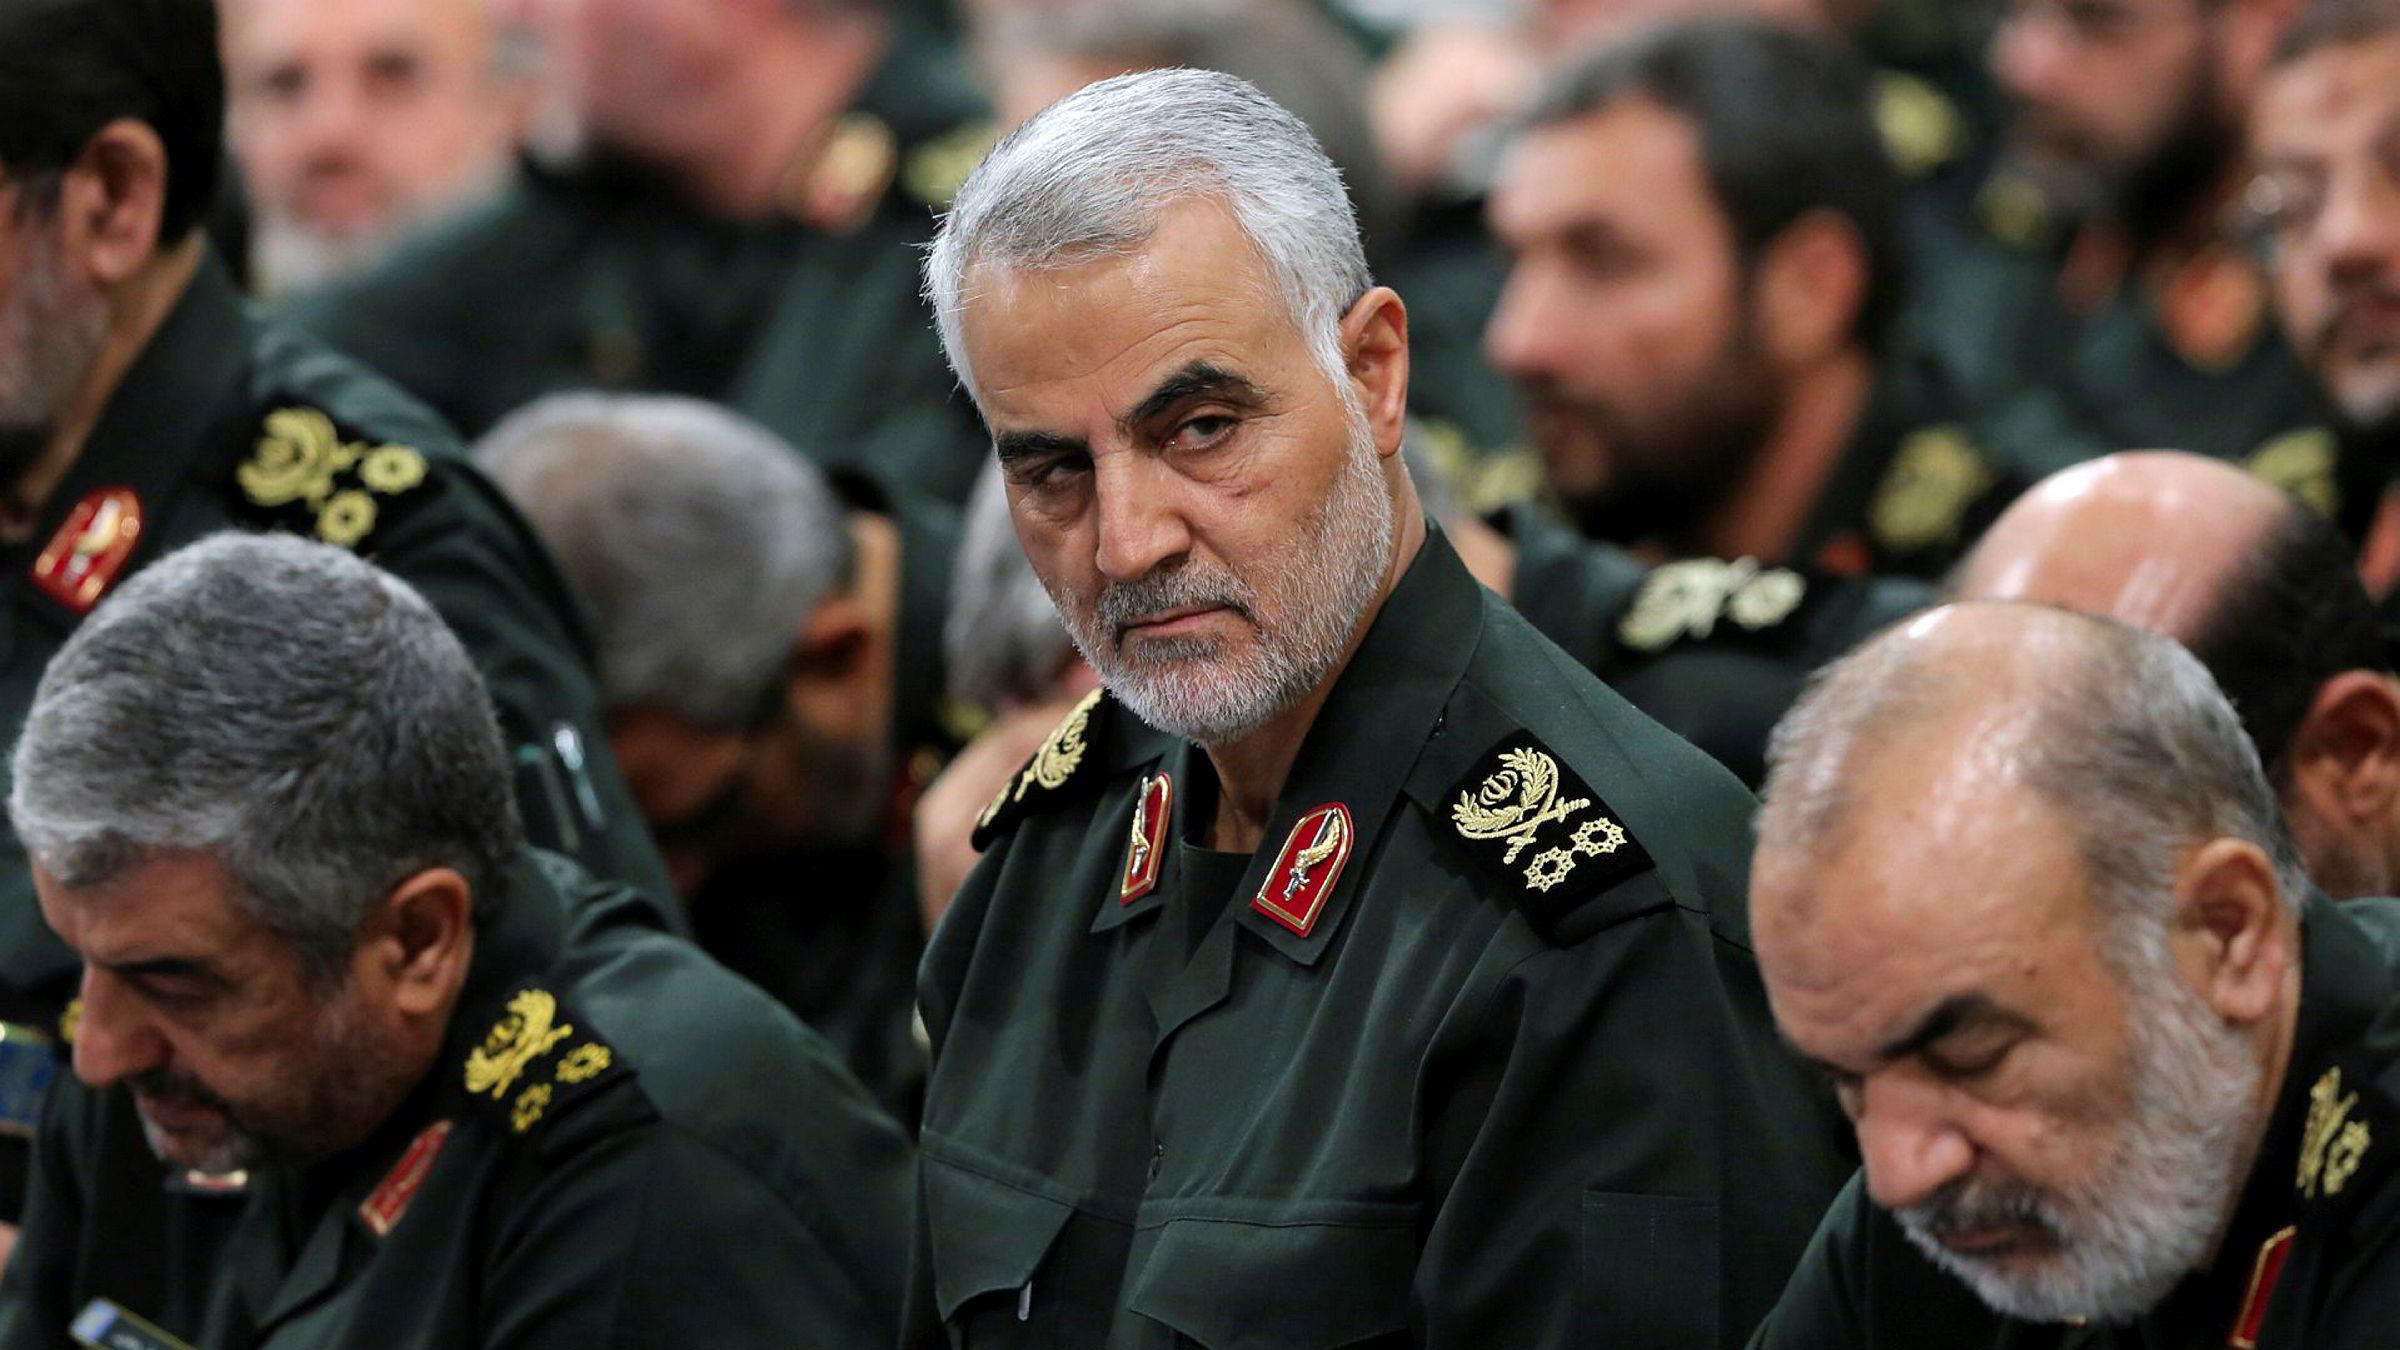 Det meste som finnes av internasjonale ekspertise mener det amerikanske droneangrepet fredag, som drepte Irans antatt nest mektigste mann, general Qasem Soleimani i Revolusjonsgarden, øker sjansen dramatisk for en ny krig i Midtøsten